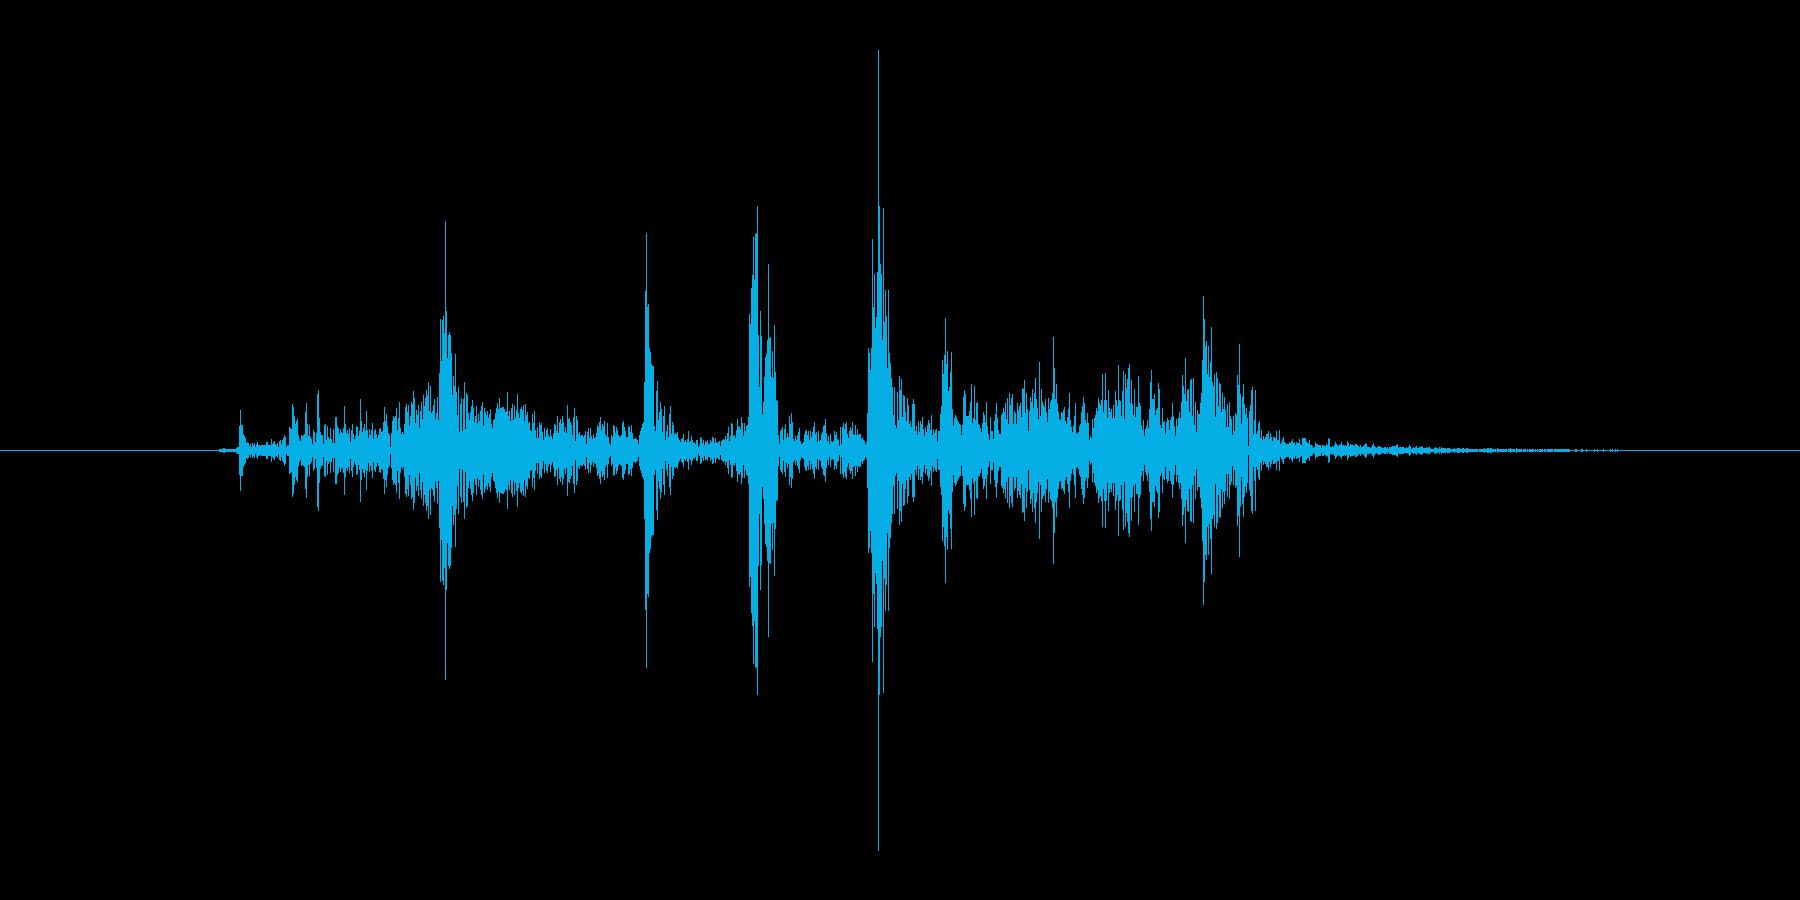 一眼レフカメラのシャッター音(カシャ)の再生済みの波形